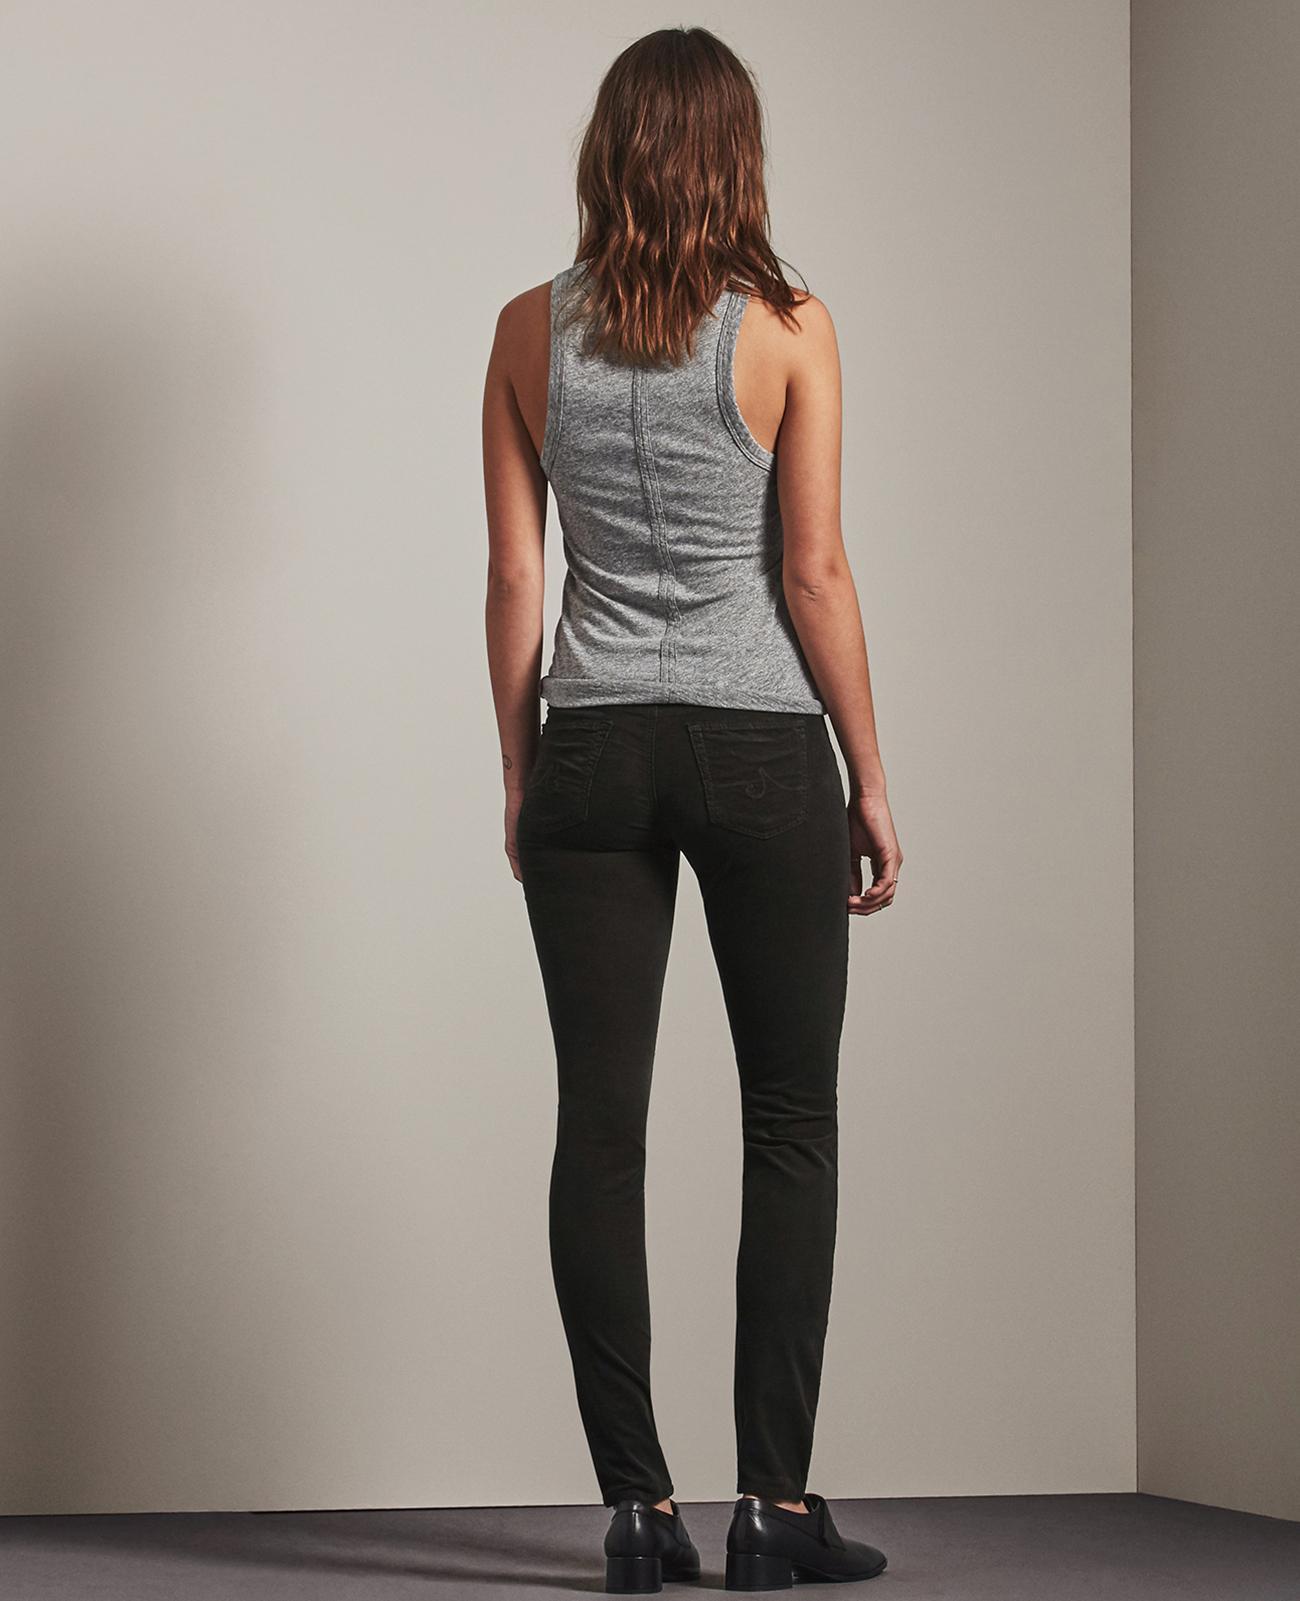 The Velvet Corduroy Legging